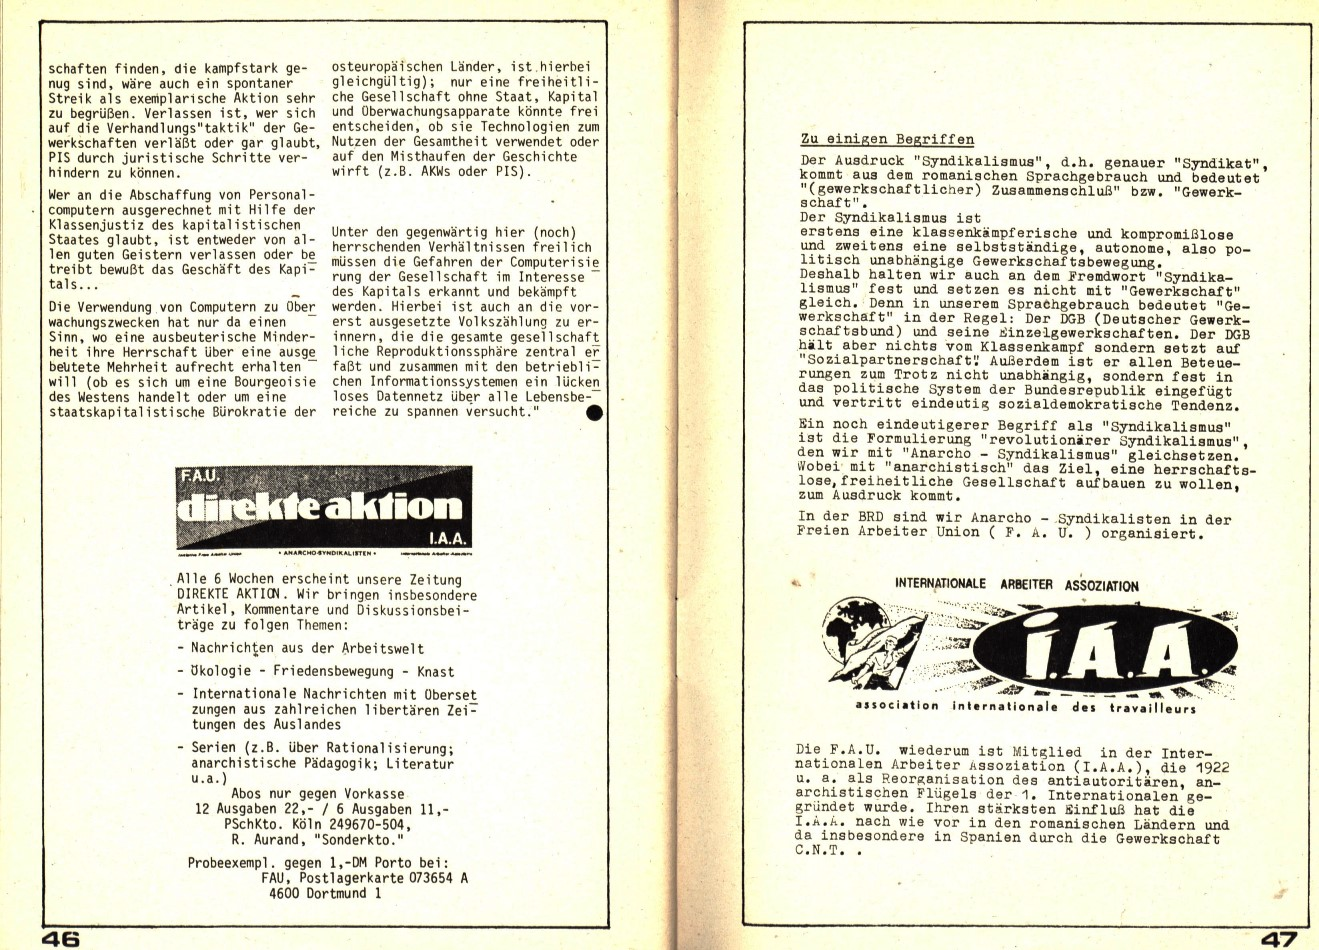 FAU_1990_Die_Roboter_kommen_25